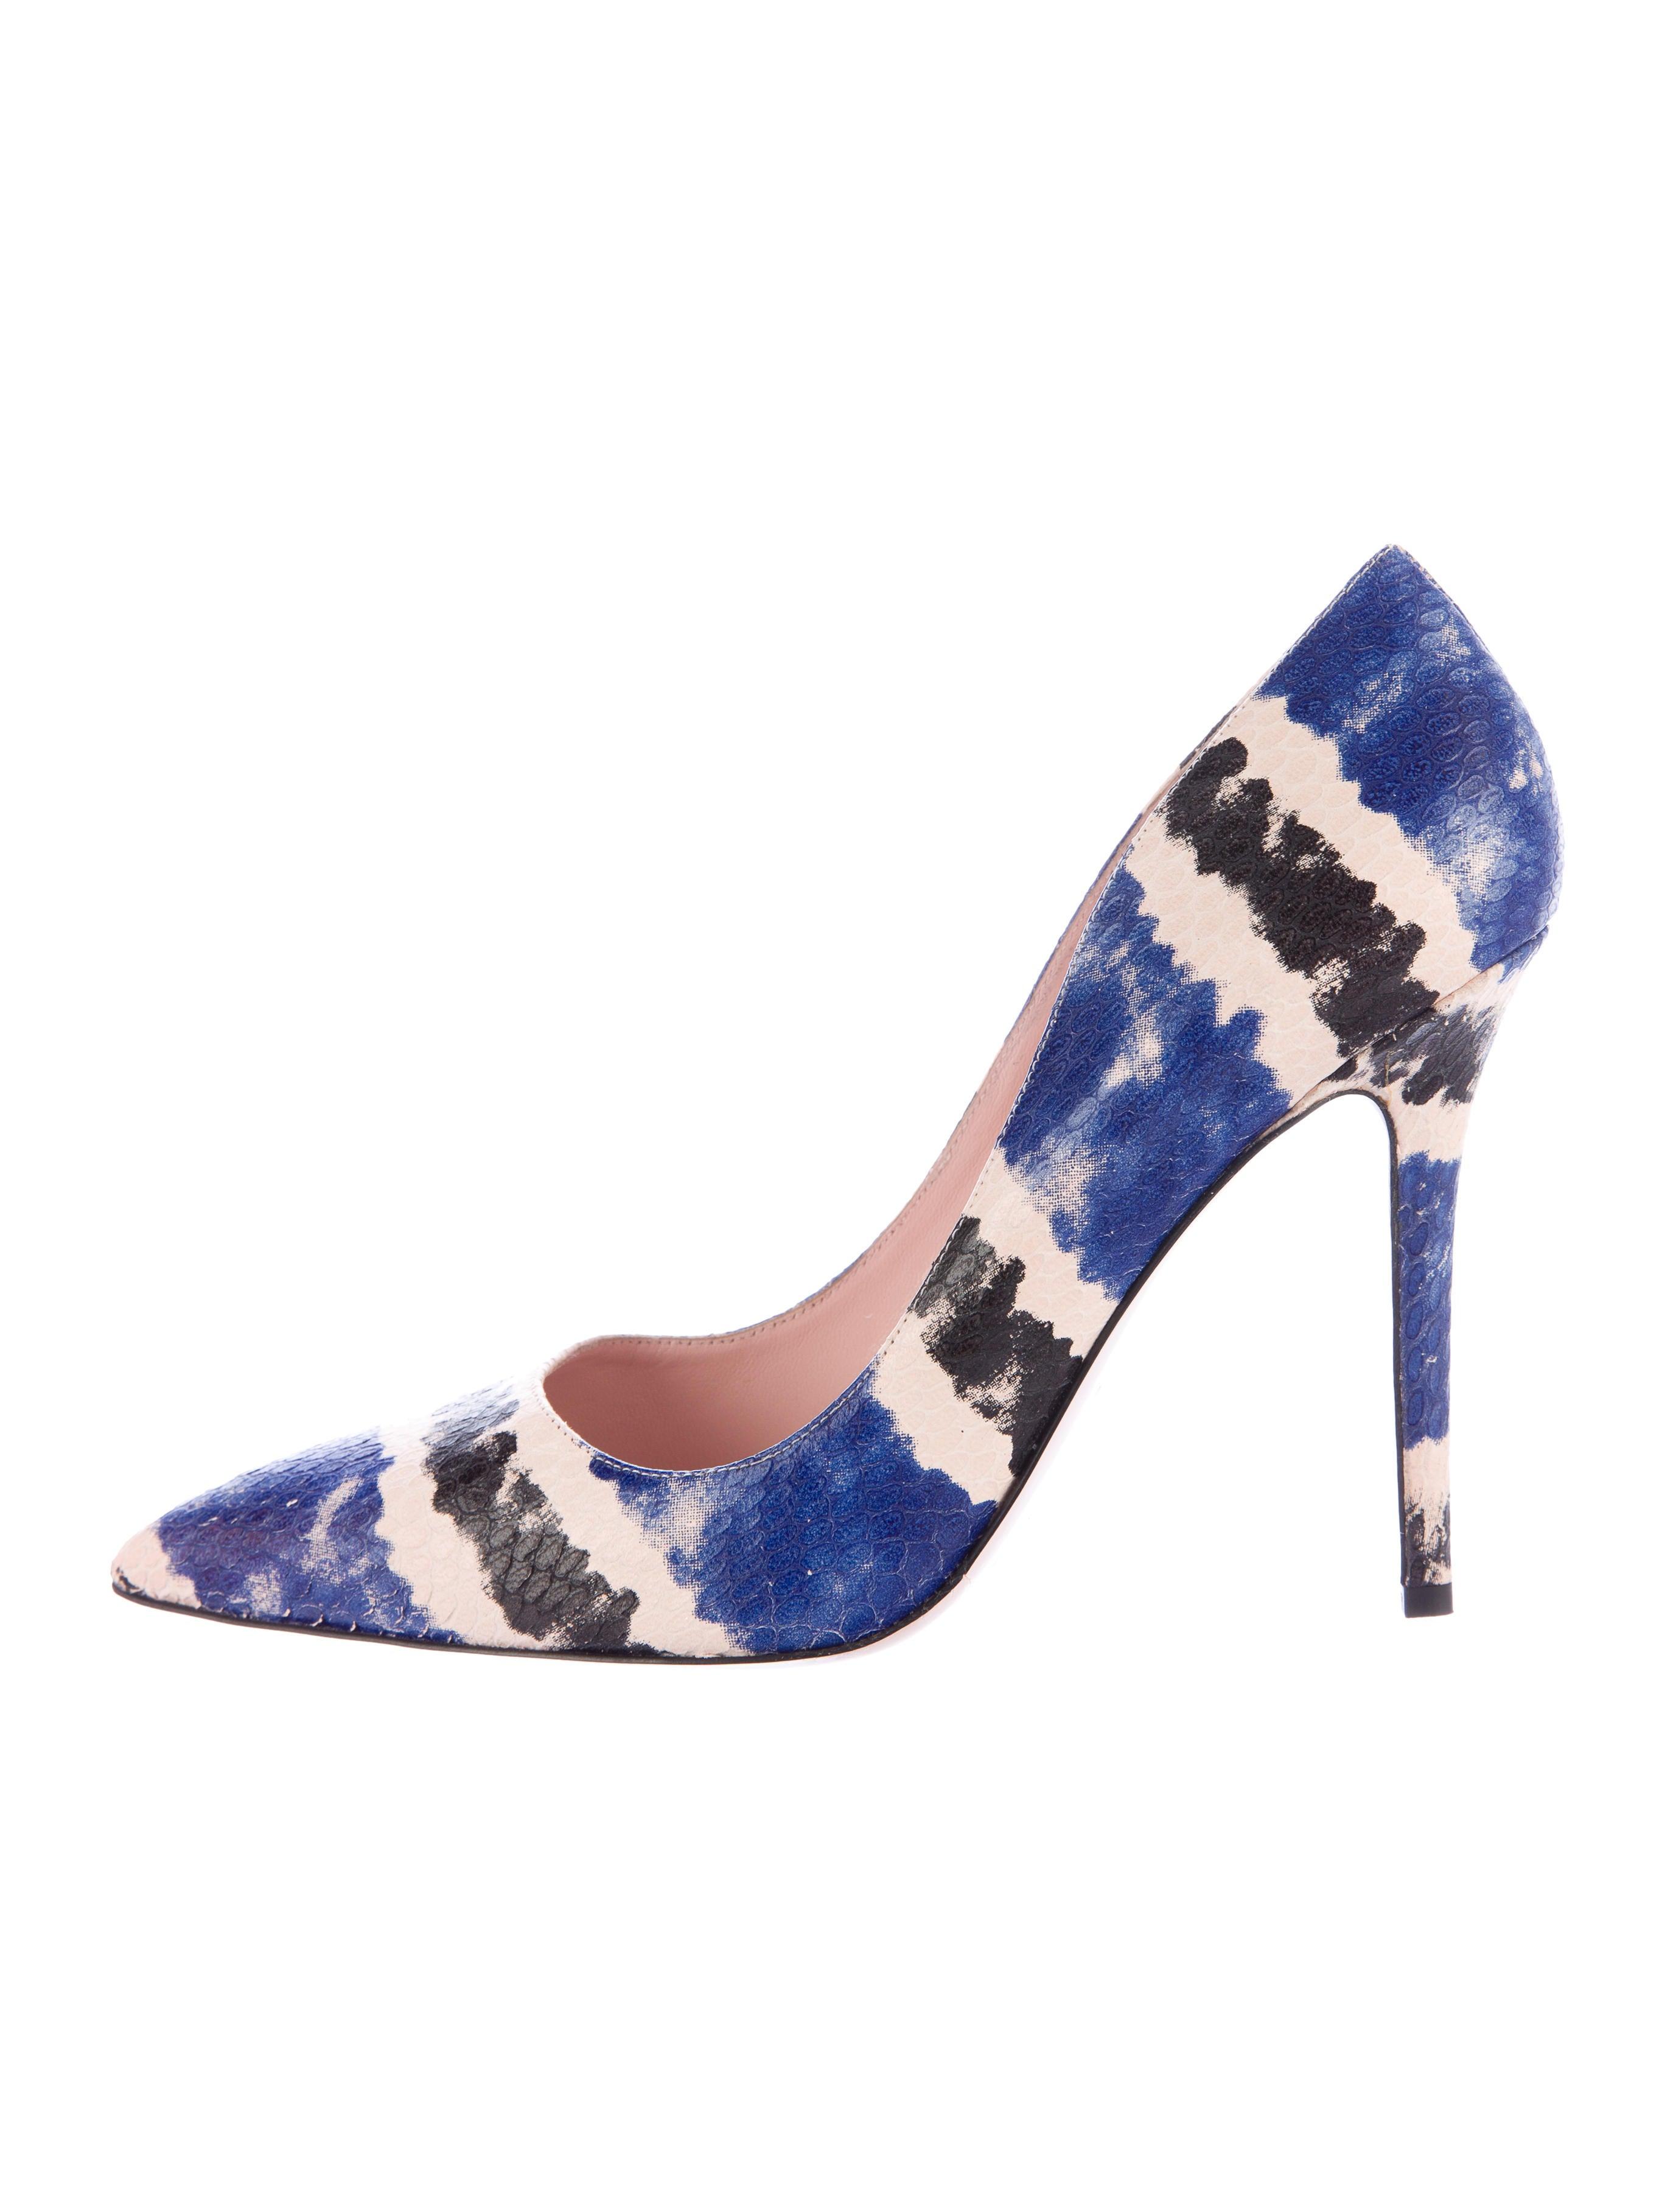 c4da9c50bbff Kate Spade New York Larisa Embossed Pumps - Shoes - WKA58655